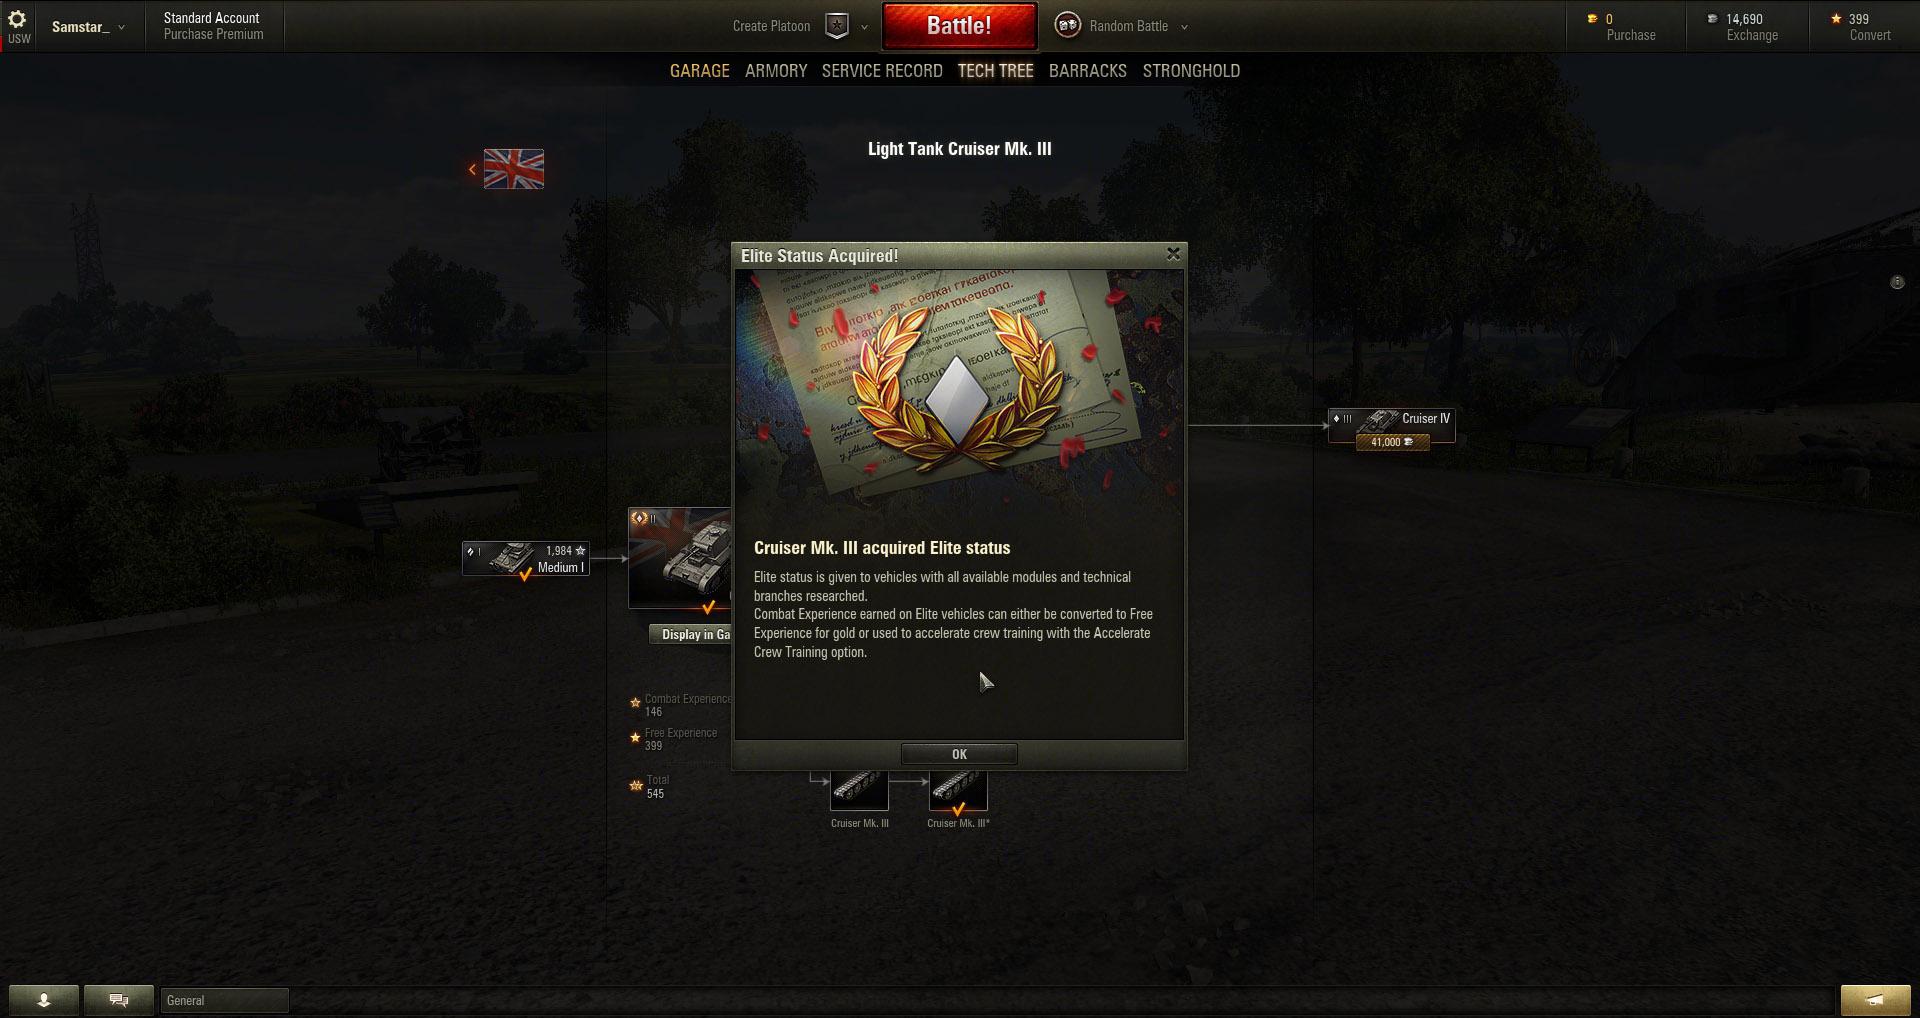 Cruiser Mk 3: Elite Status